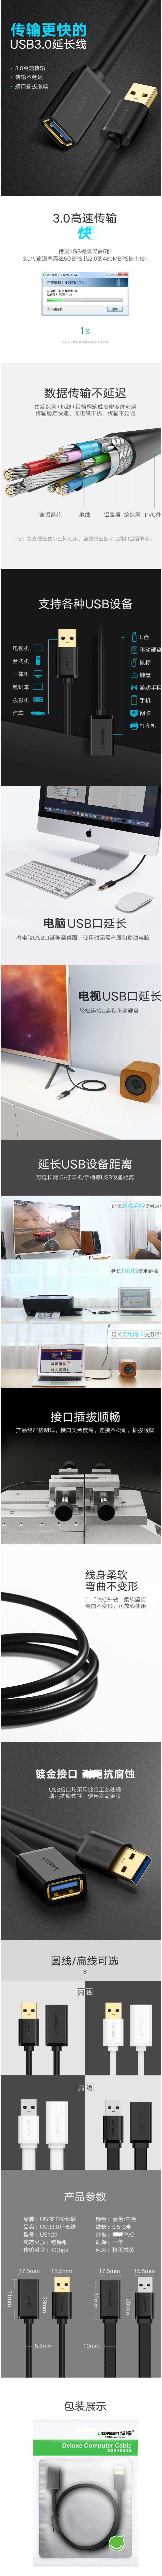 绿联30127 USB3.0 3米延长线 详情页